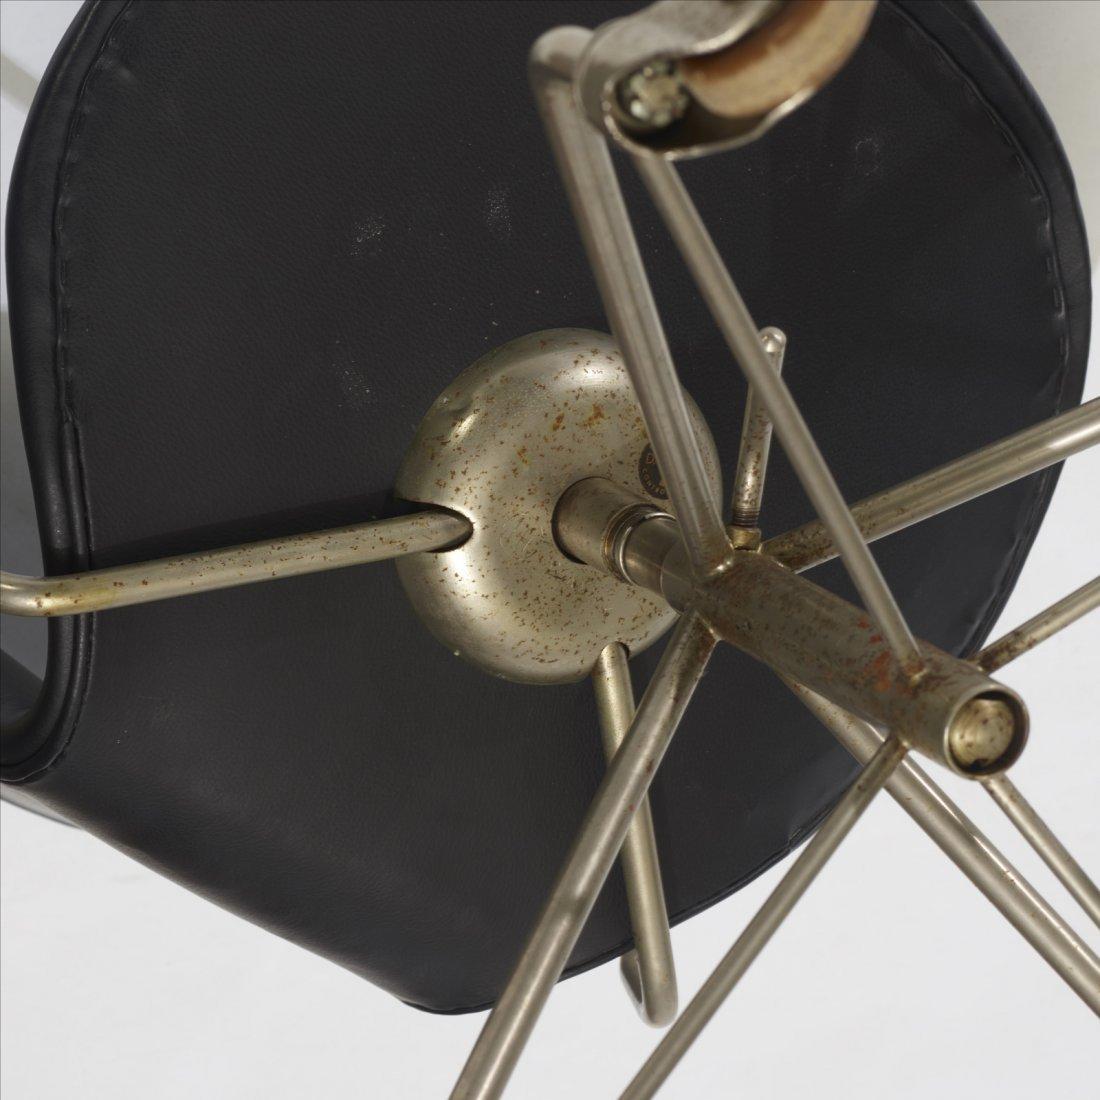 Arne Jacobsen, Sevener desk chair, model 3117 - 4